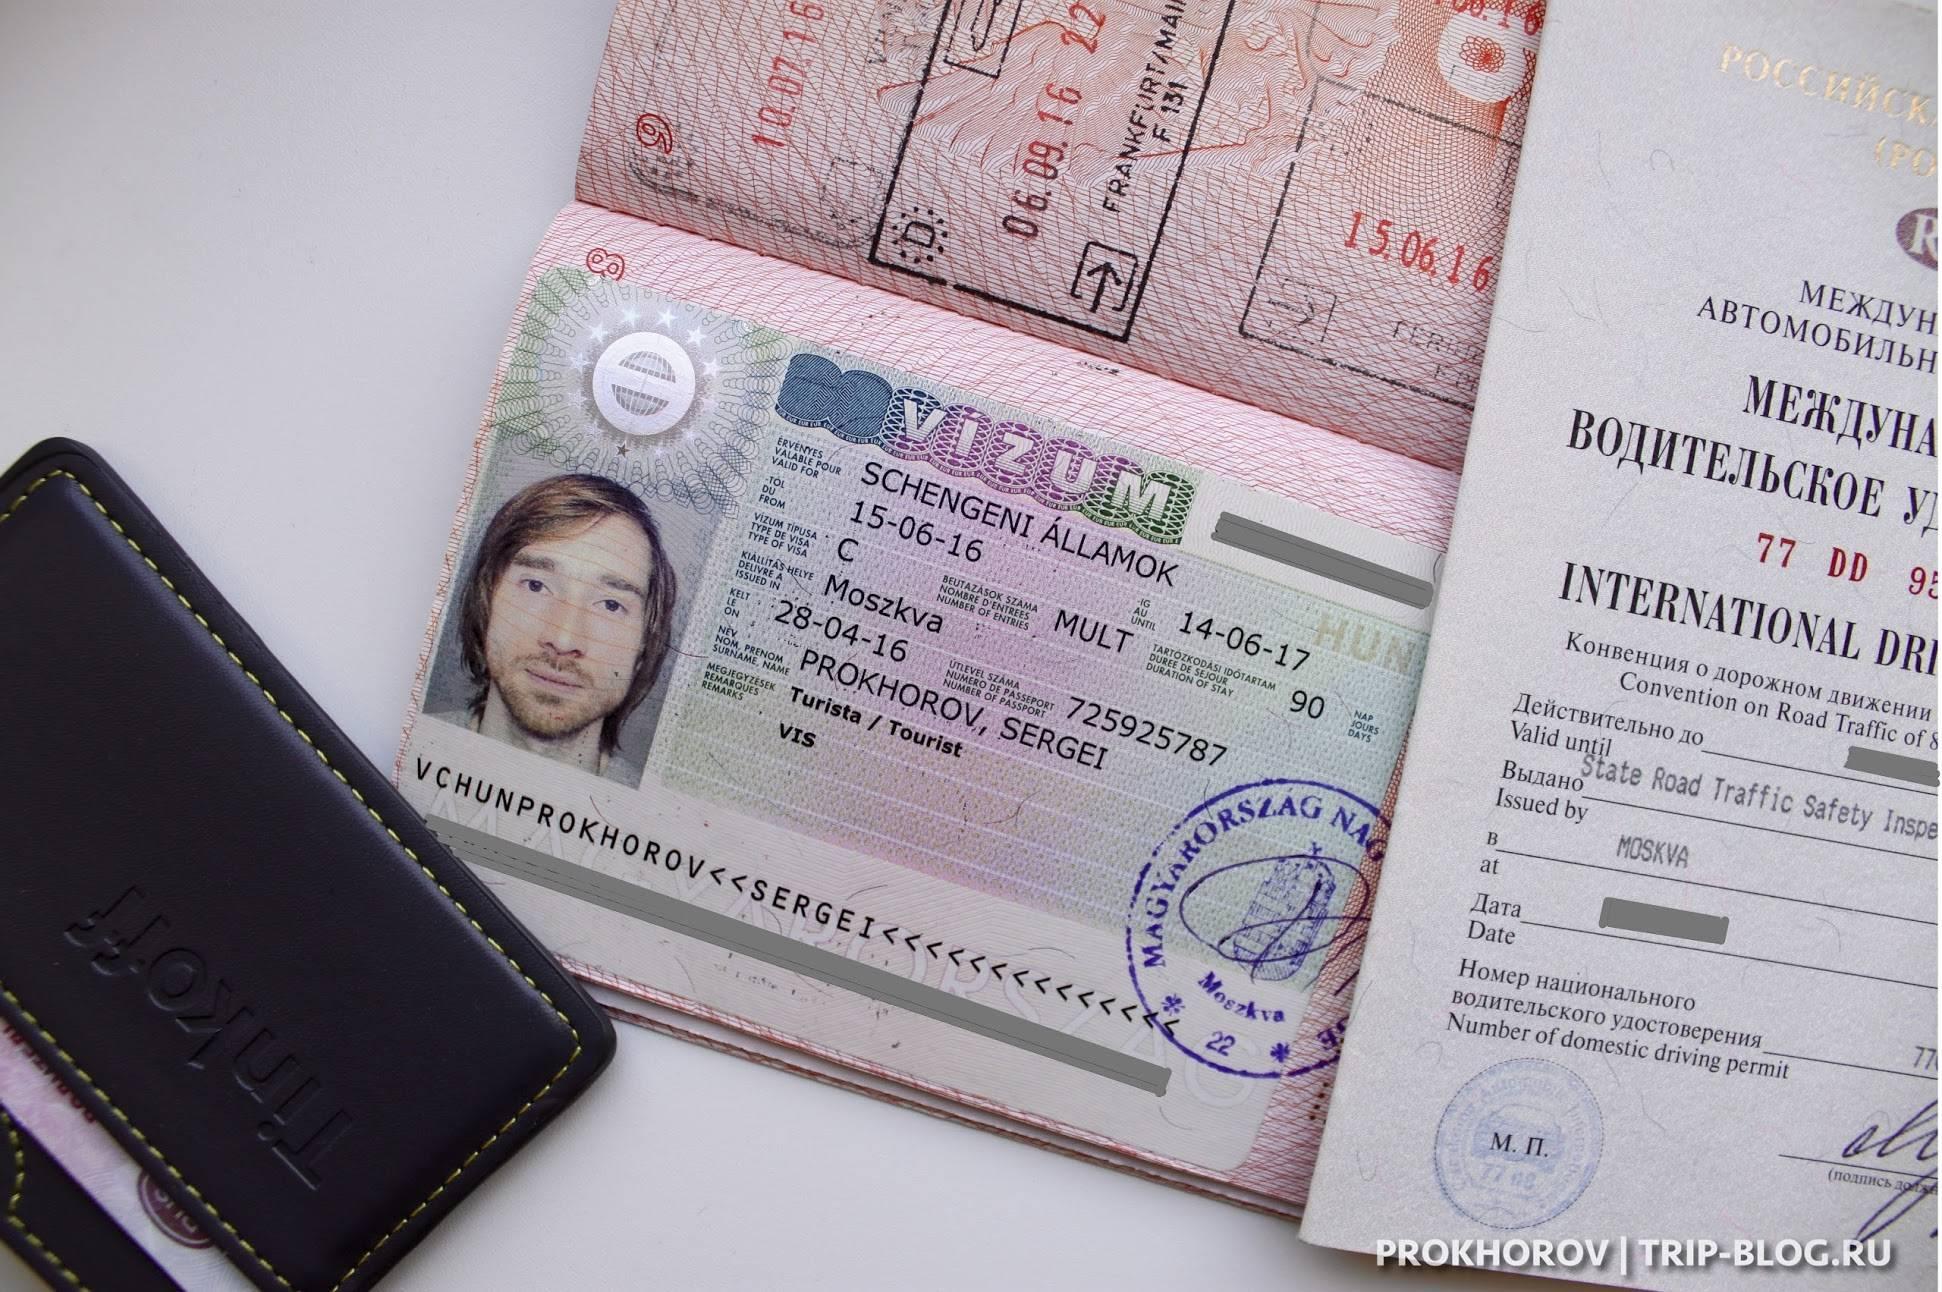 Виза в чехию для россиян: как получить самостоятельно в 2021 году